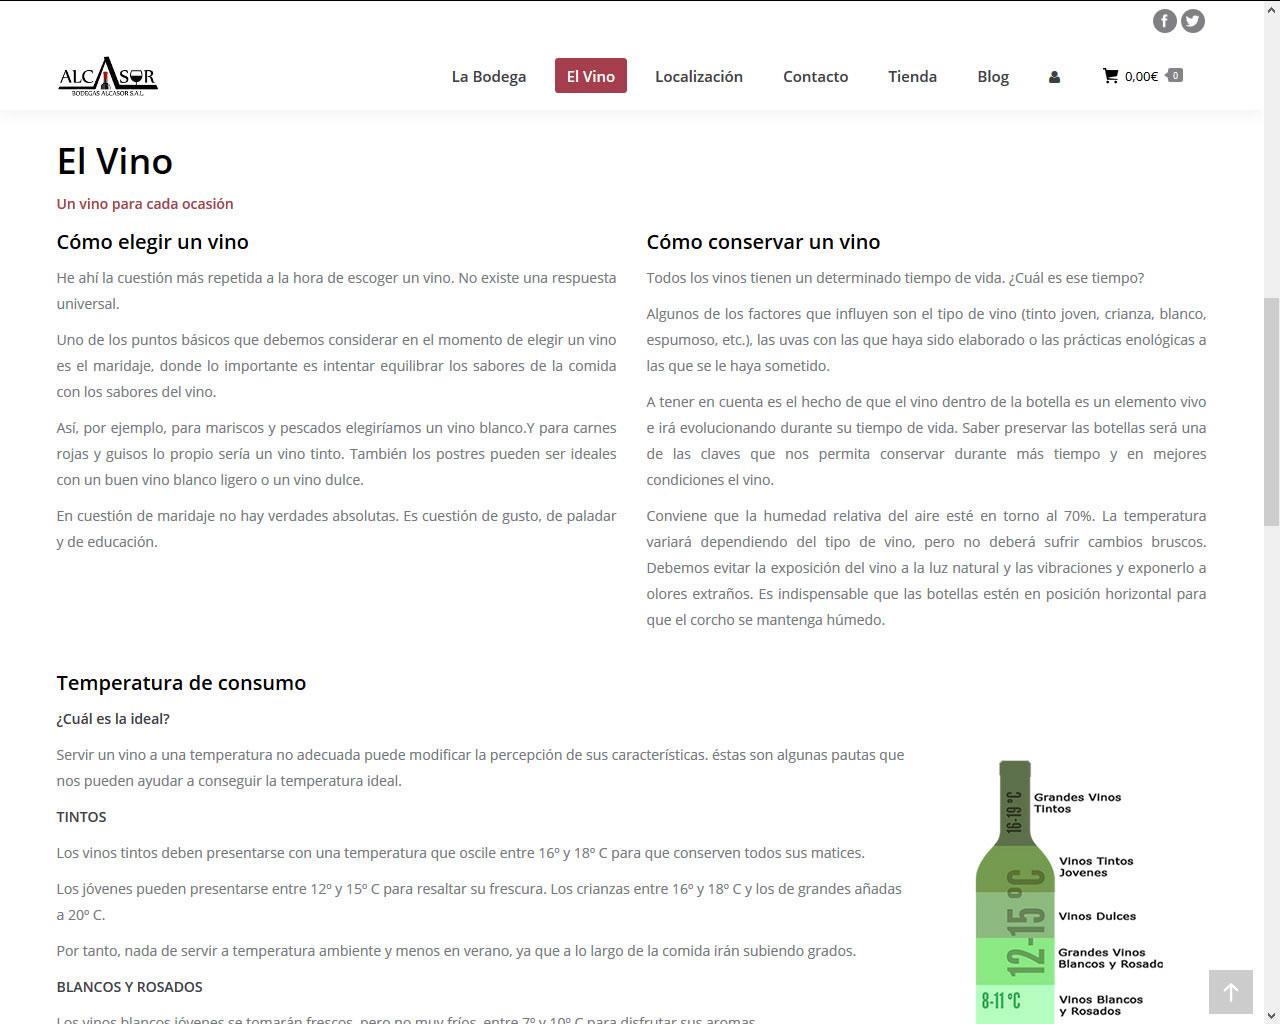 Proyectos - Bodegas Alcasor